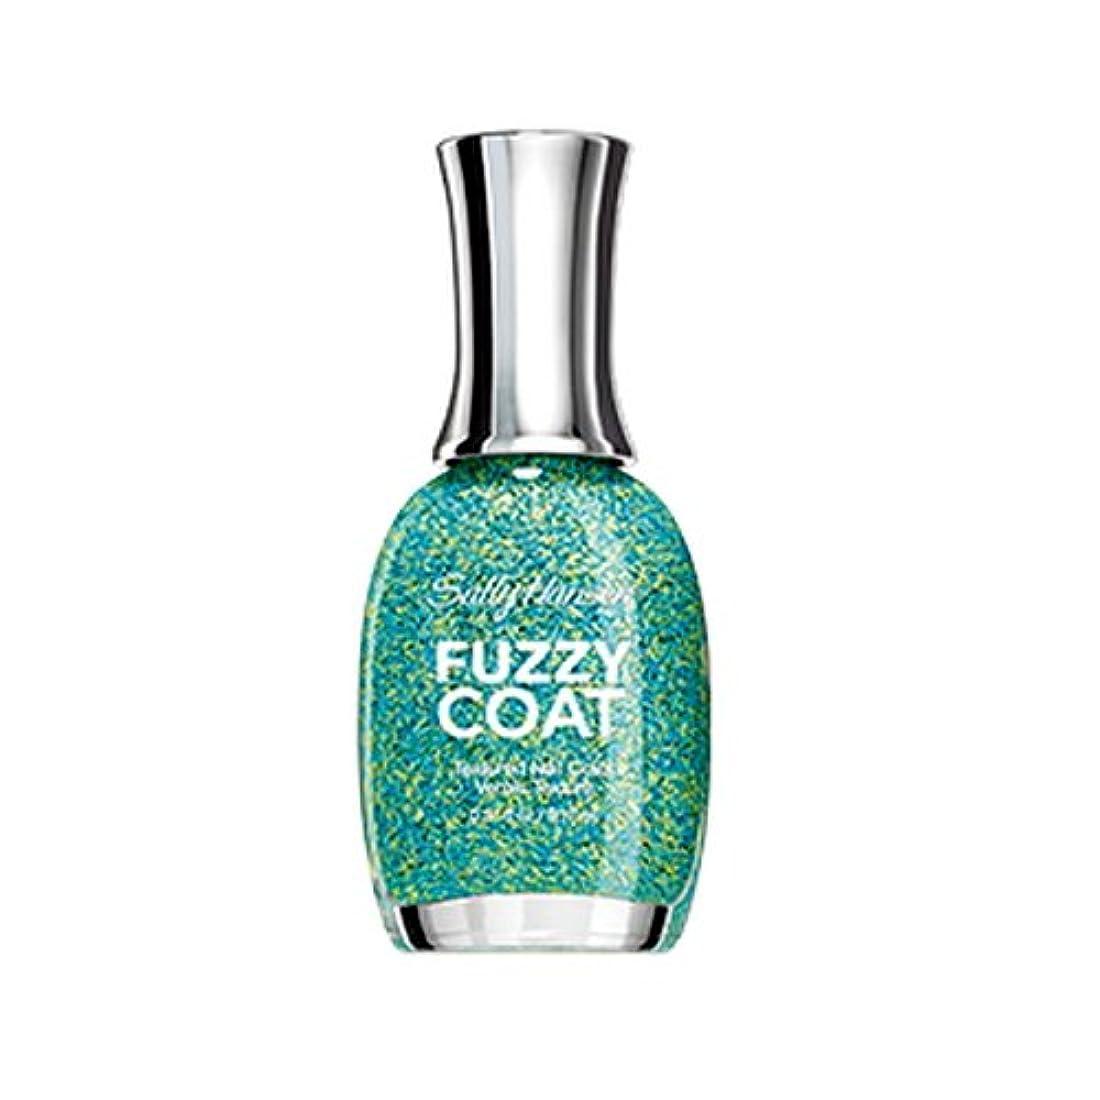 鰐どっちでも刺す(3 Pack) SALLY HANSEN Fuzzy Coat Special Effect Textured Nail Color - Fuzz-Sea (並行輸入品)